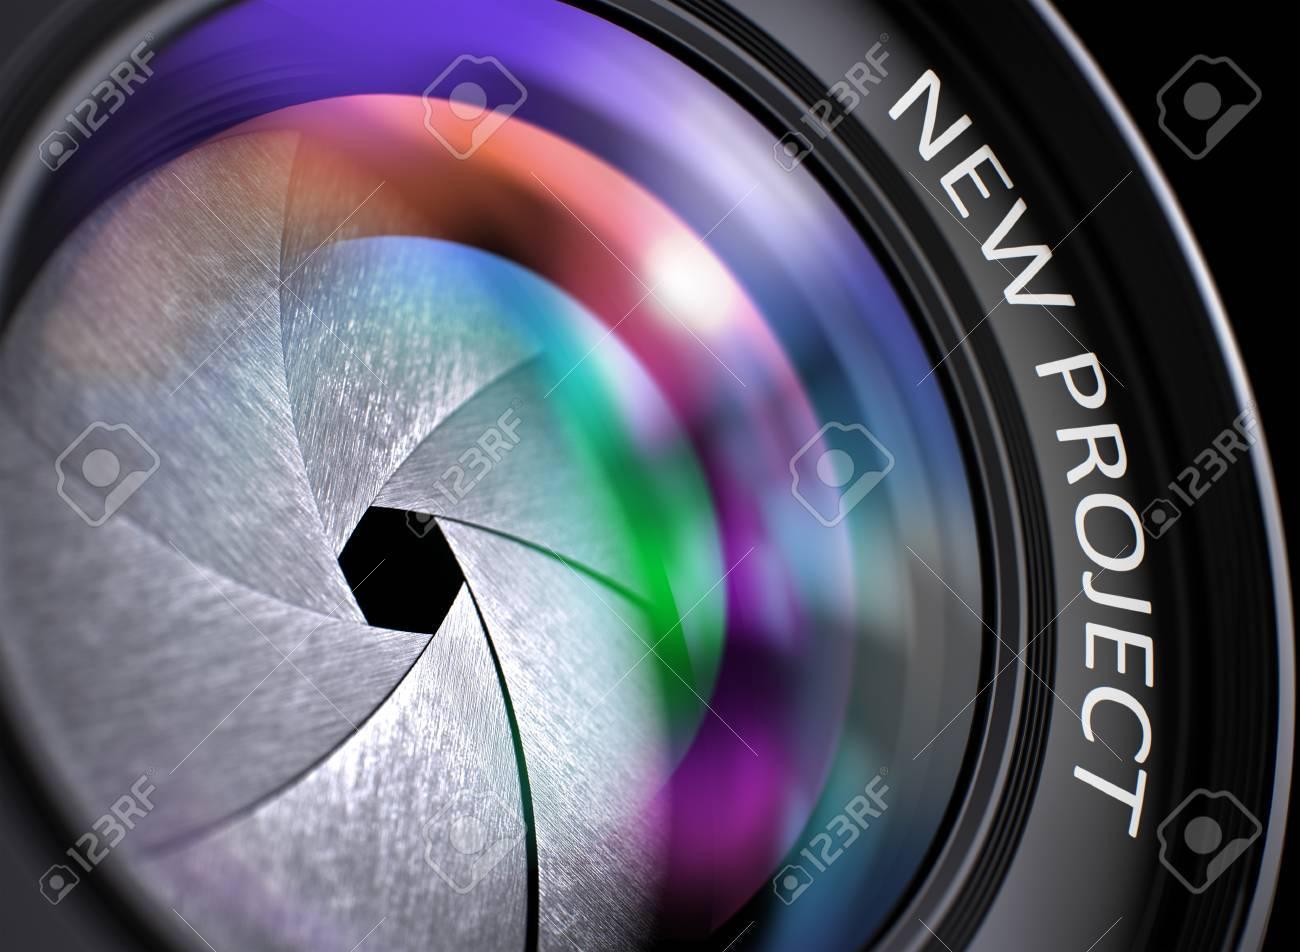 Banque d images - Nouveau projet - Concept Lens de caméra avec réflexion  colorée Lens 5cc12a49236